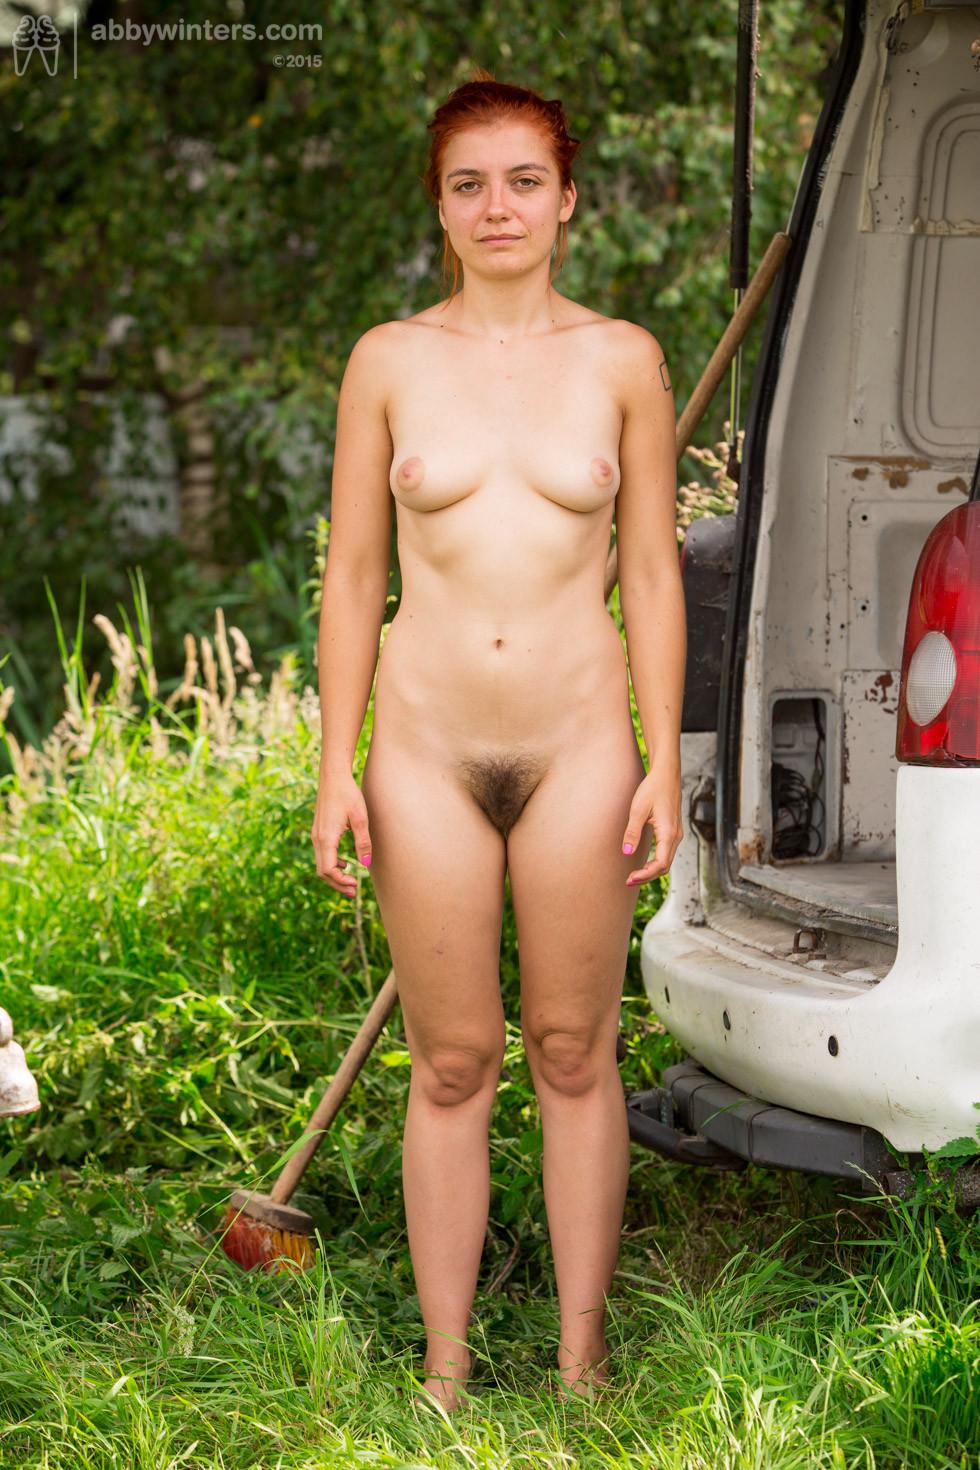 Эбби Винтерс показывает свою мохнатую пизденку